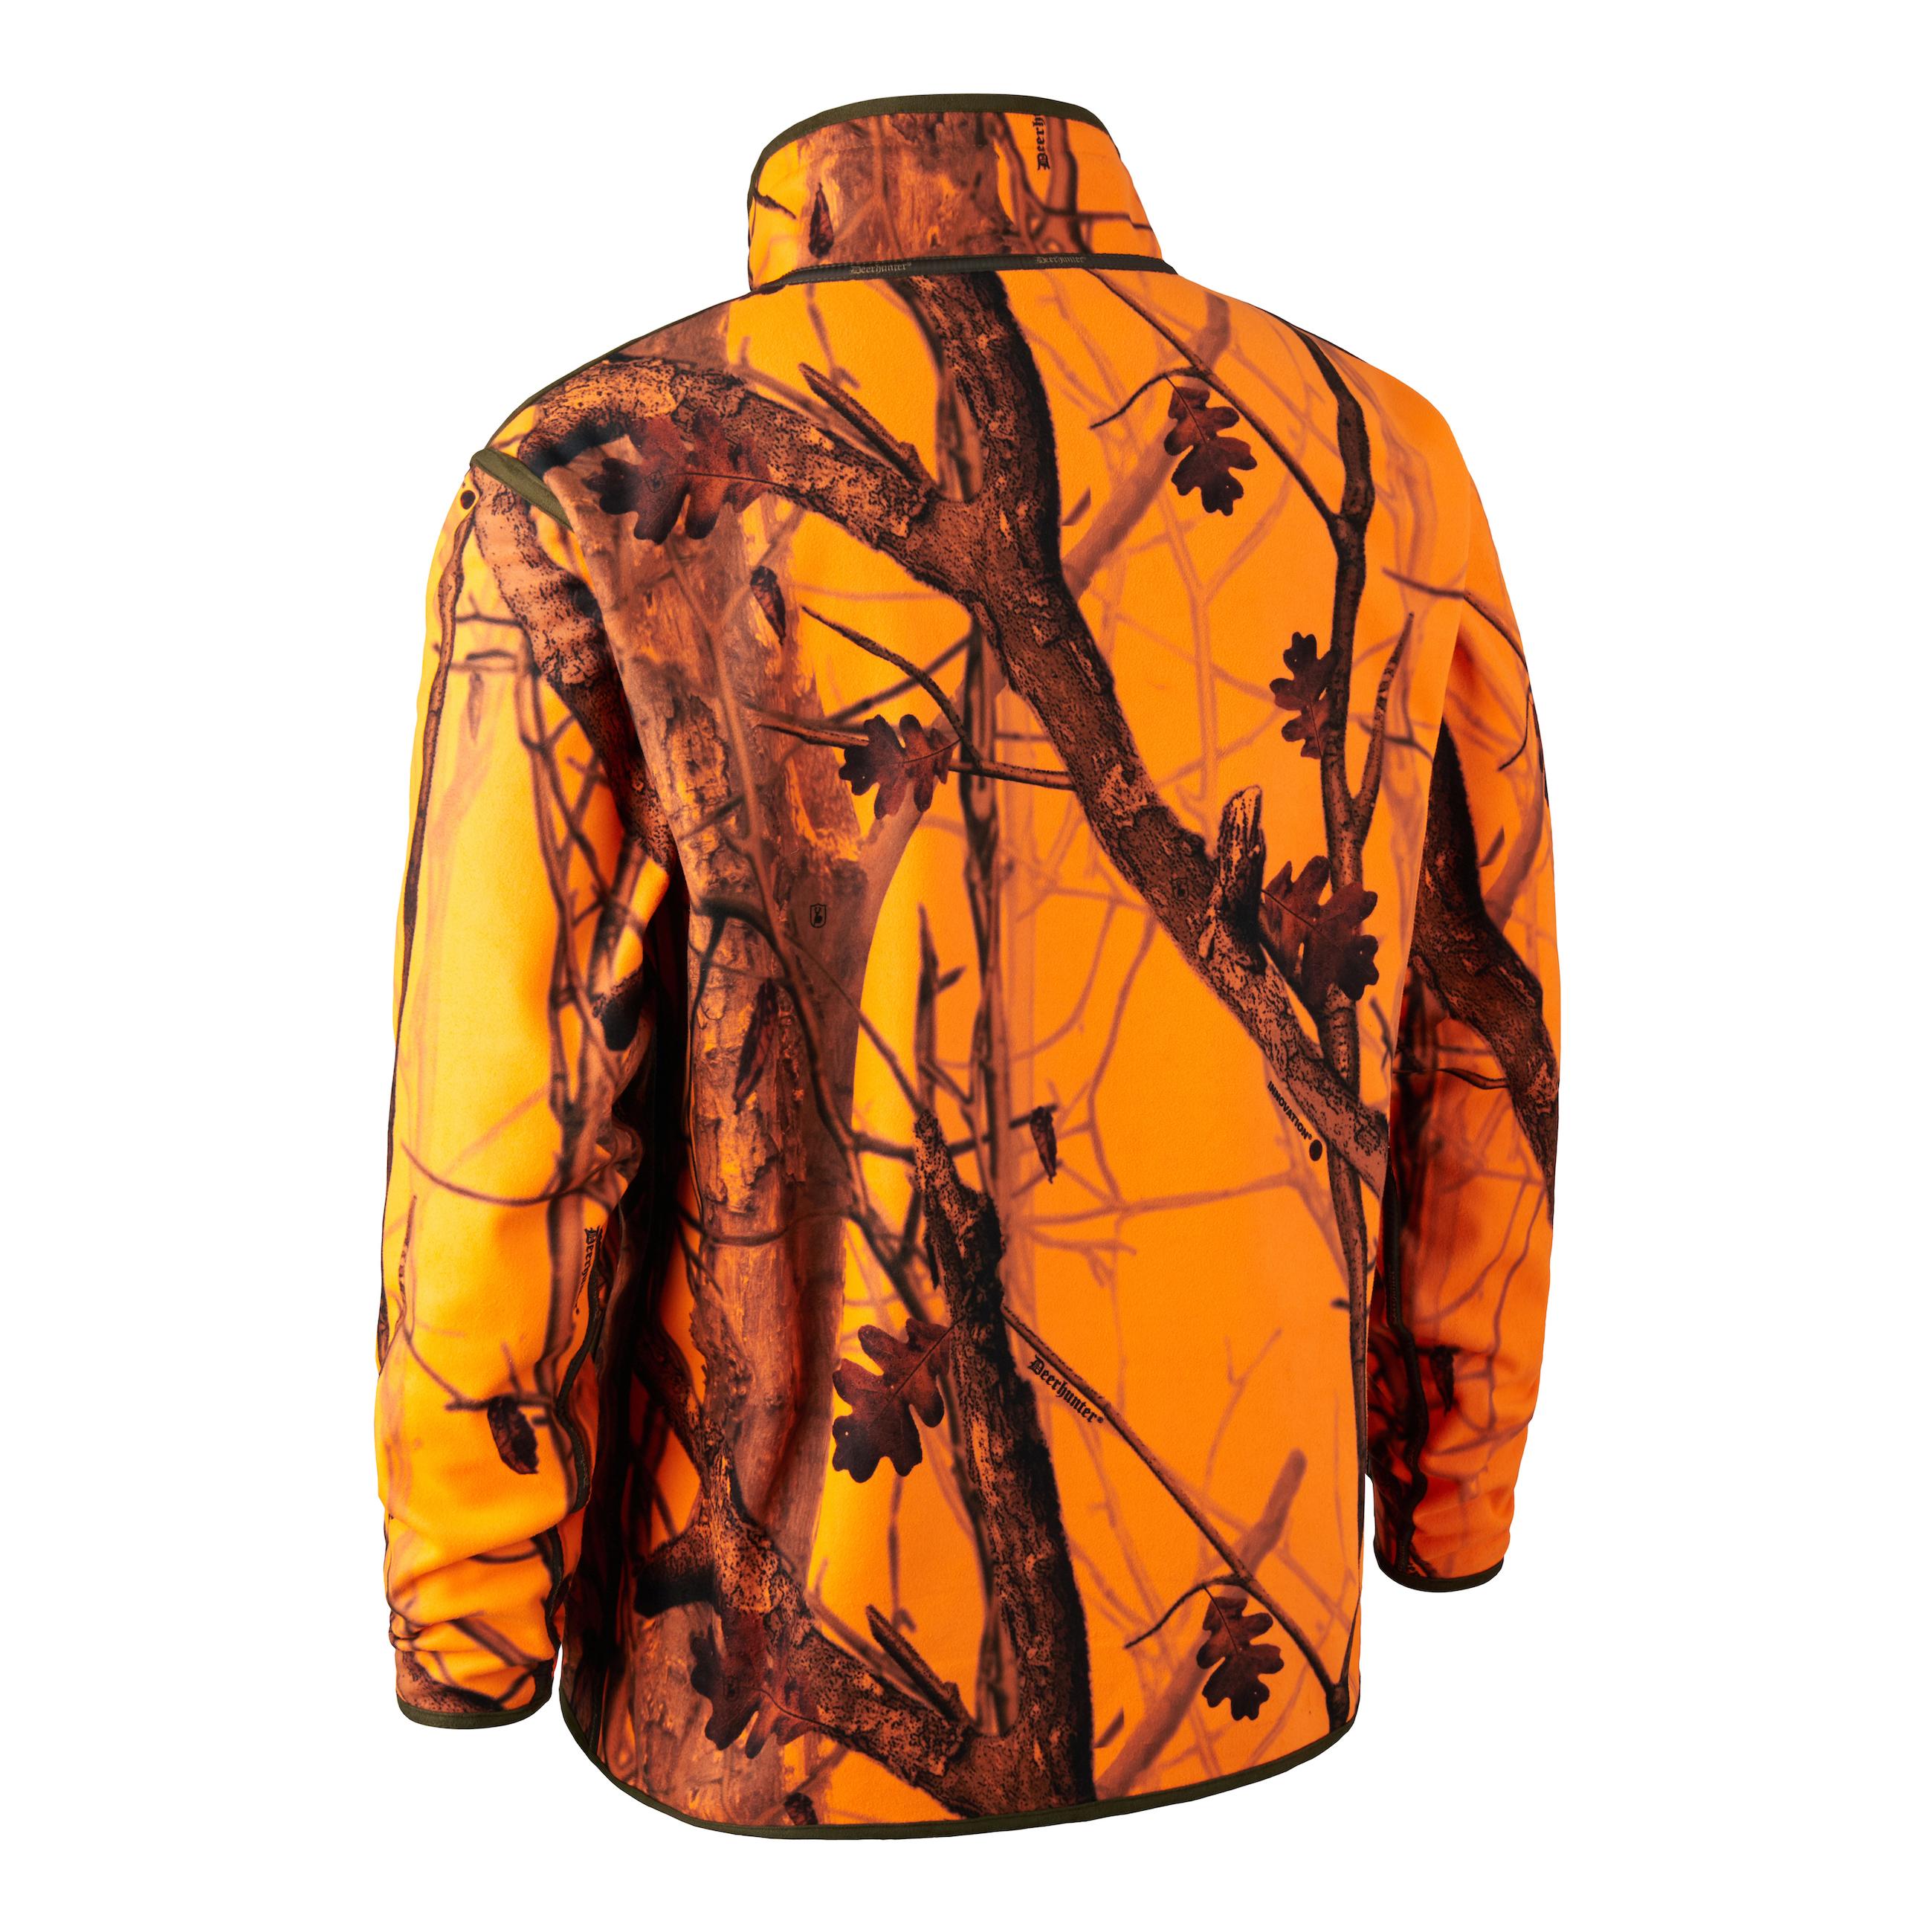 Fleecejacke Herren Gamekeeper Wendbar - Braun/Camouflage/Orange